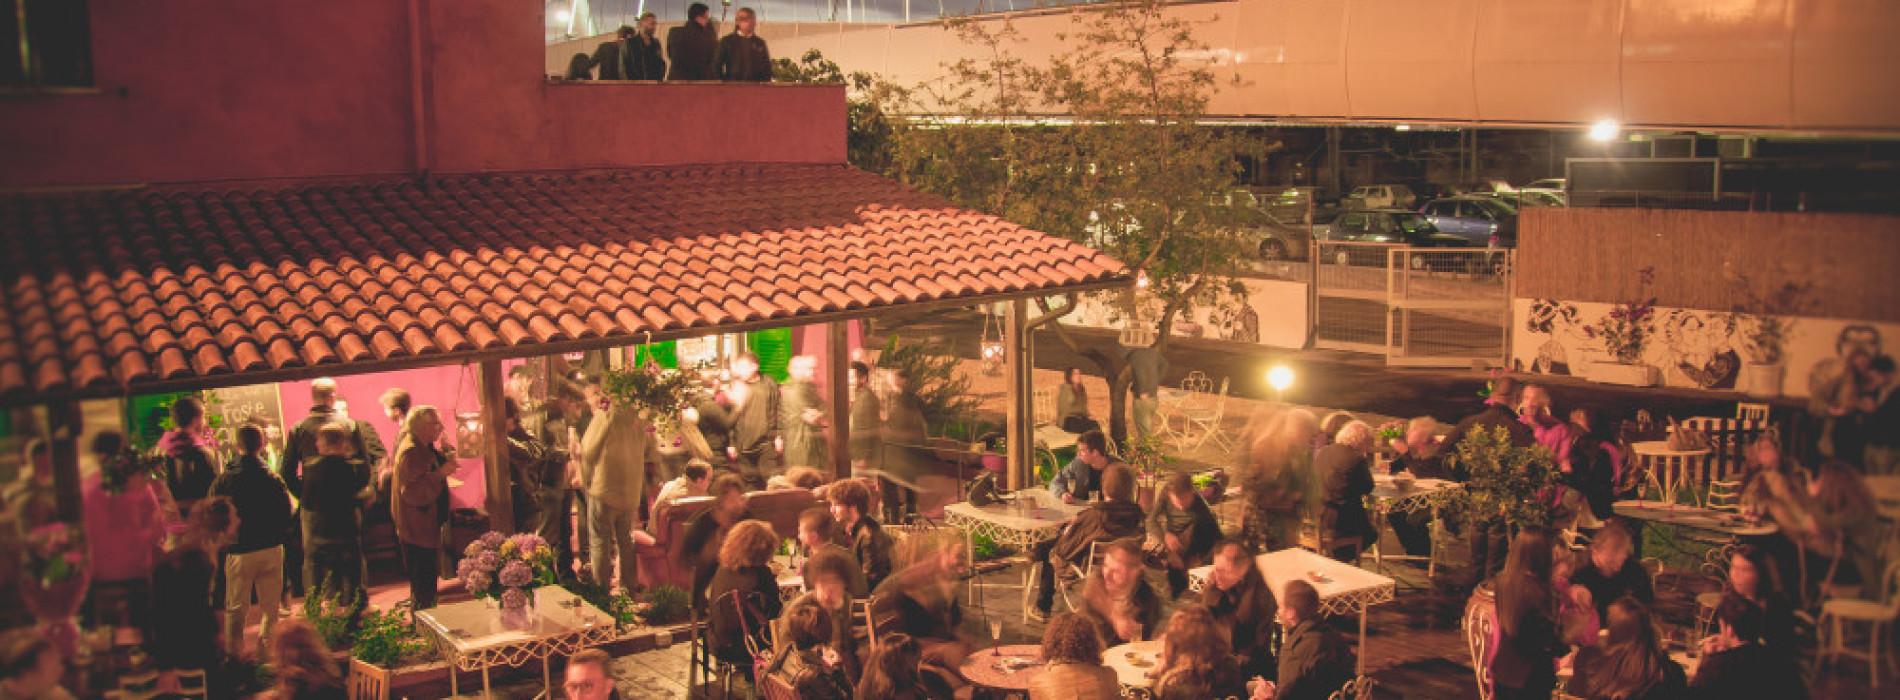 La Maisonnette Ristrot Roma, mangiare all'aperto a Garbatella